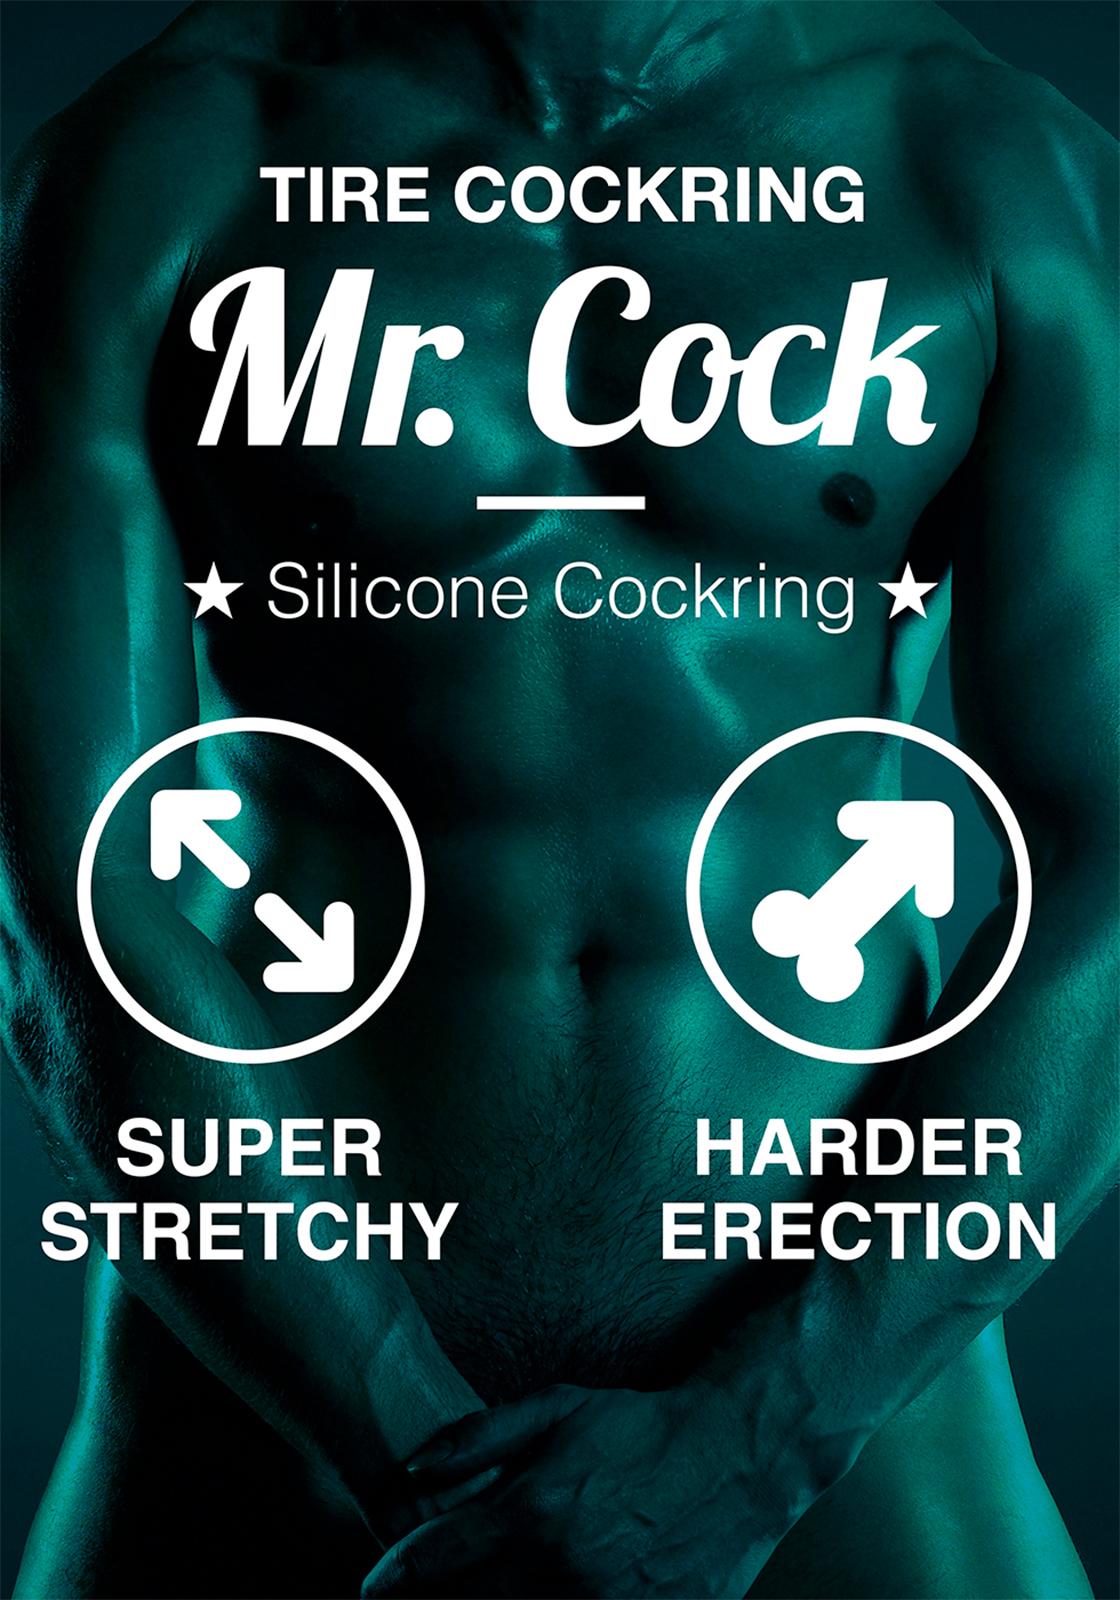 Mr. Cock: Tire Silicone Cockring | Black